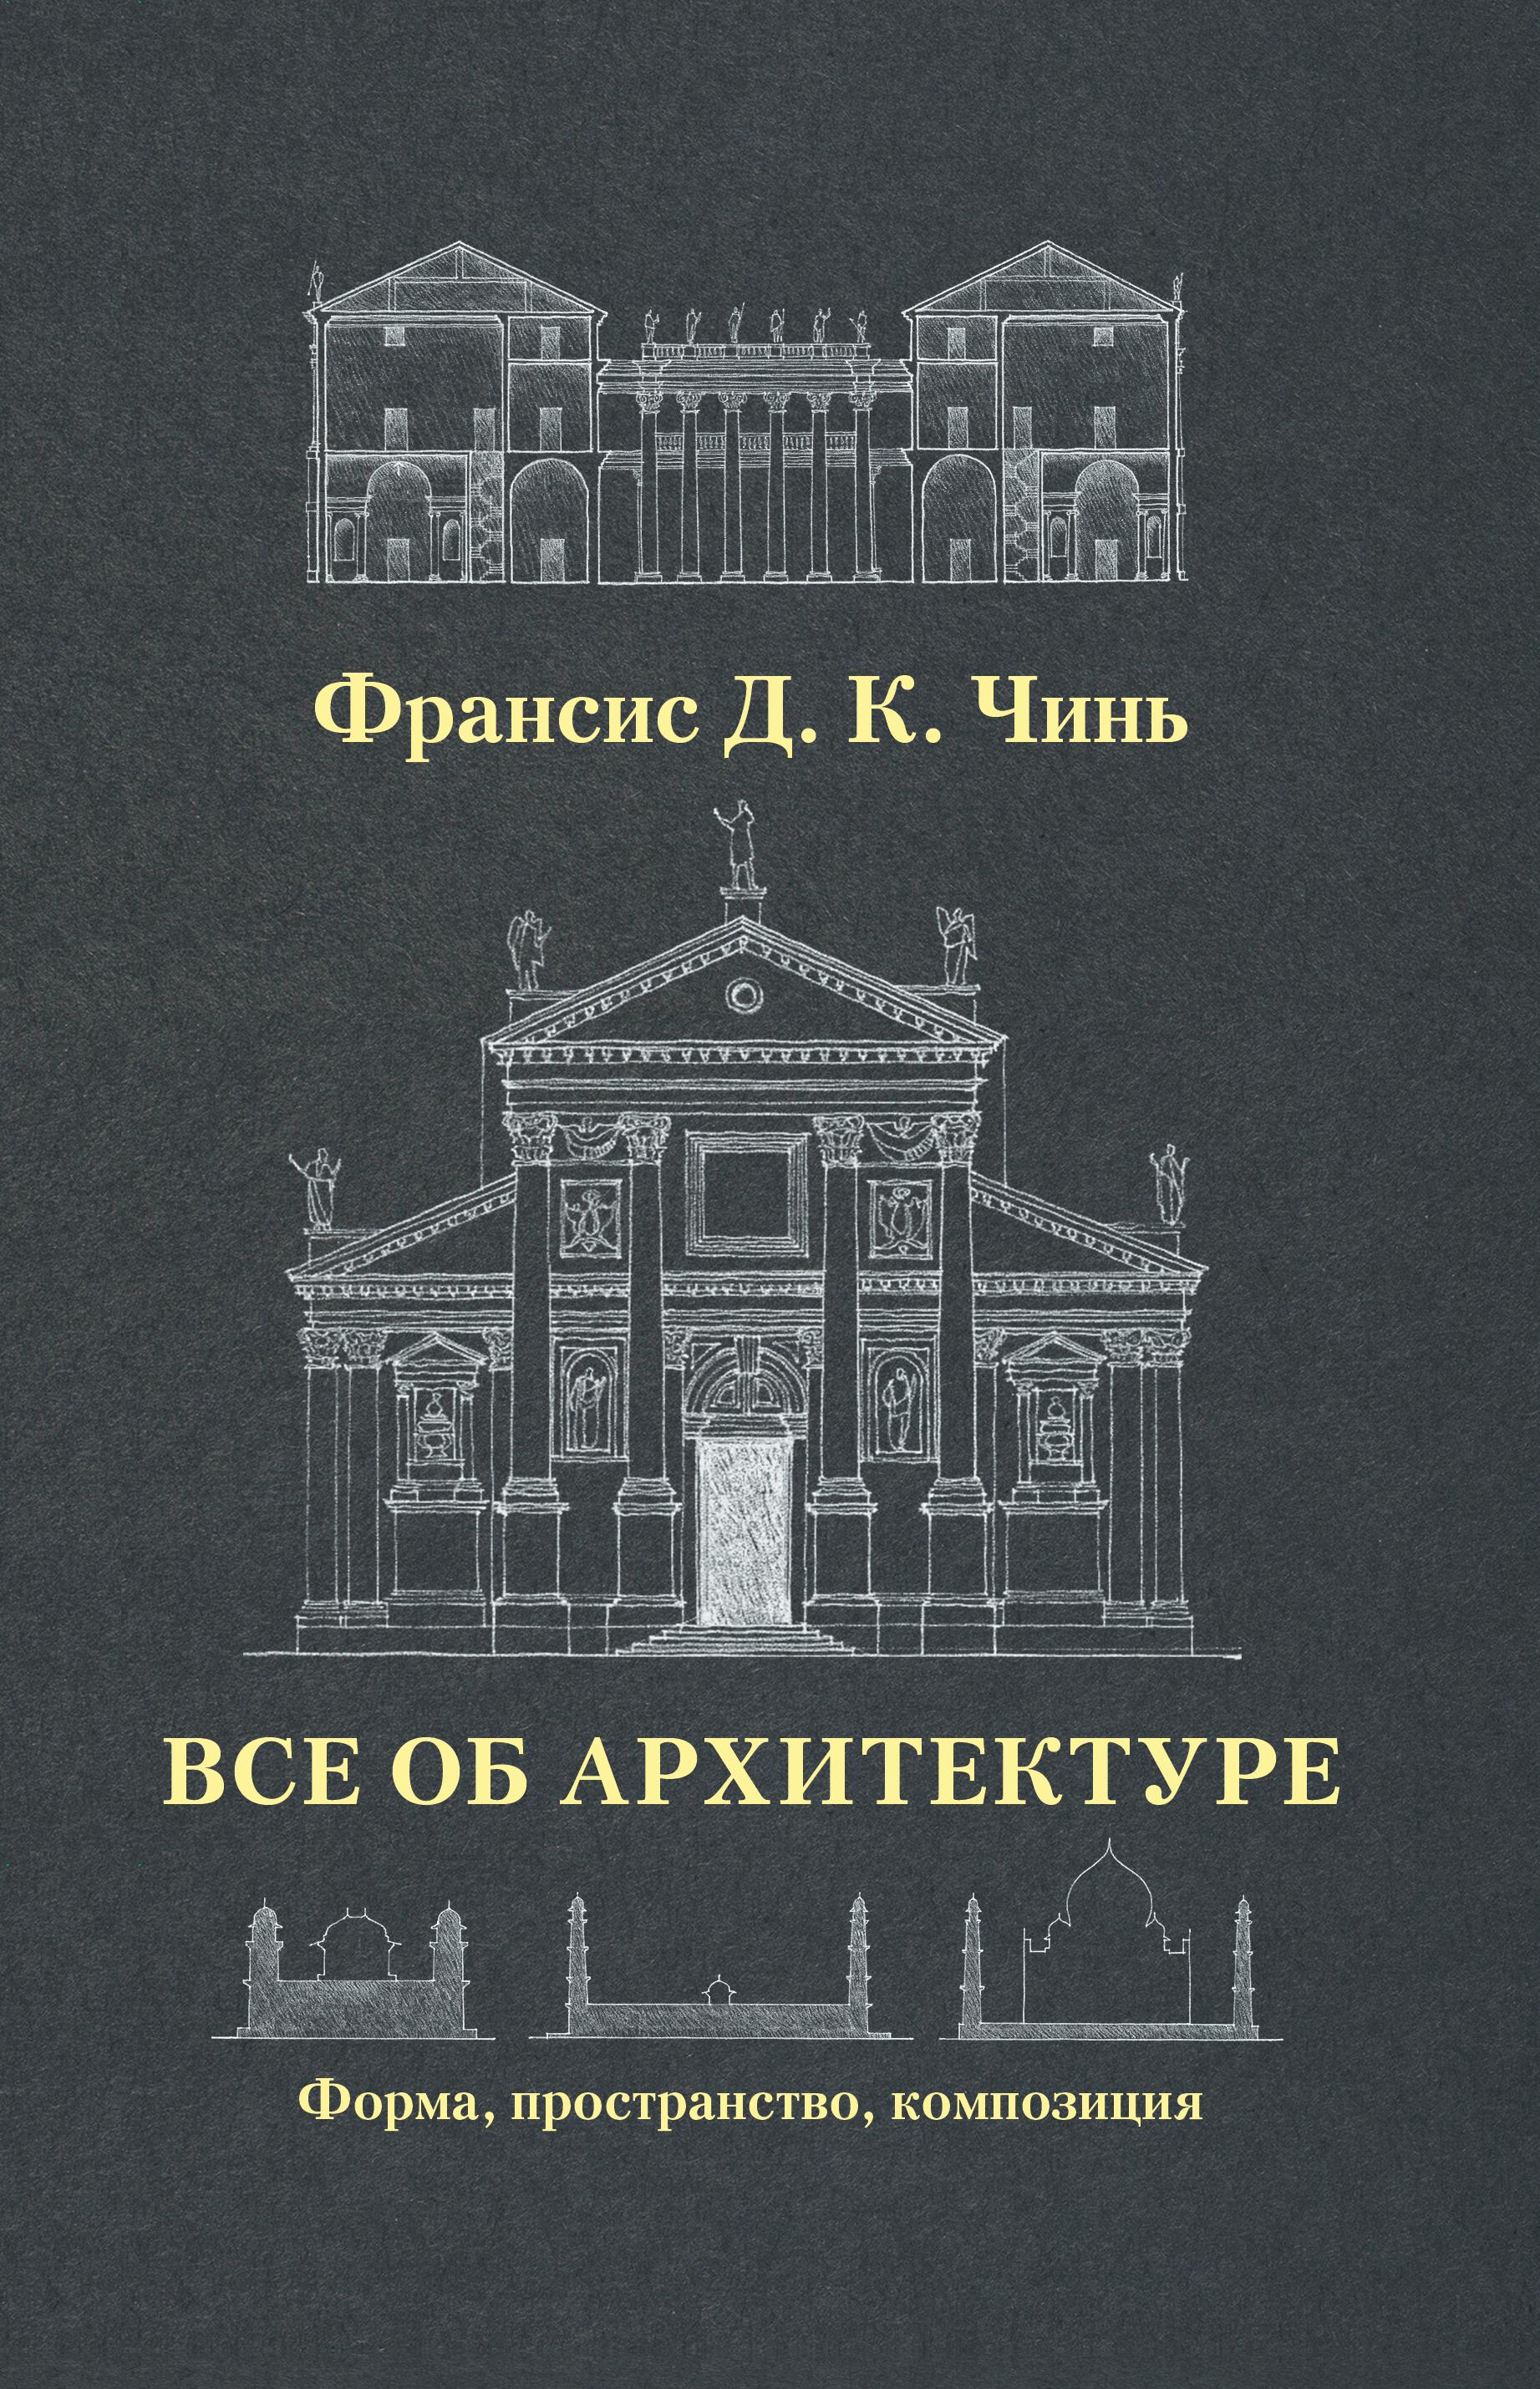 Все об архитектуре. Форма, пространство, композиция ( Чинь Франсис Д.К.  )